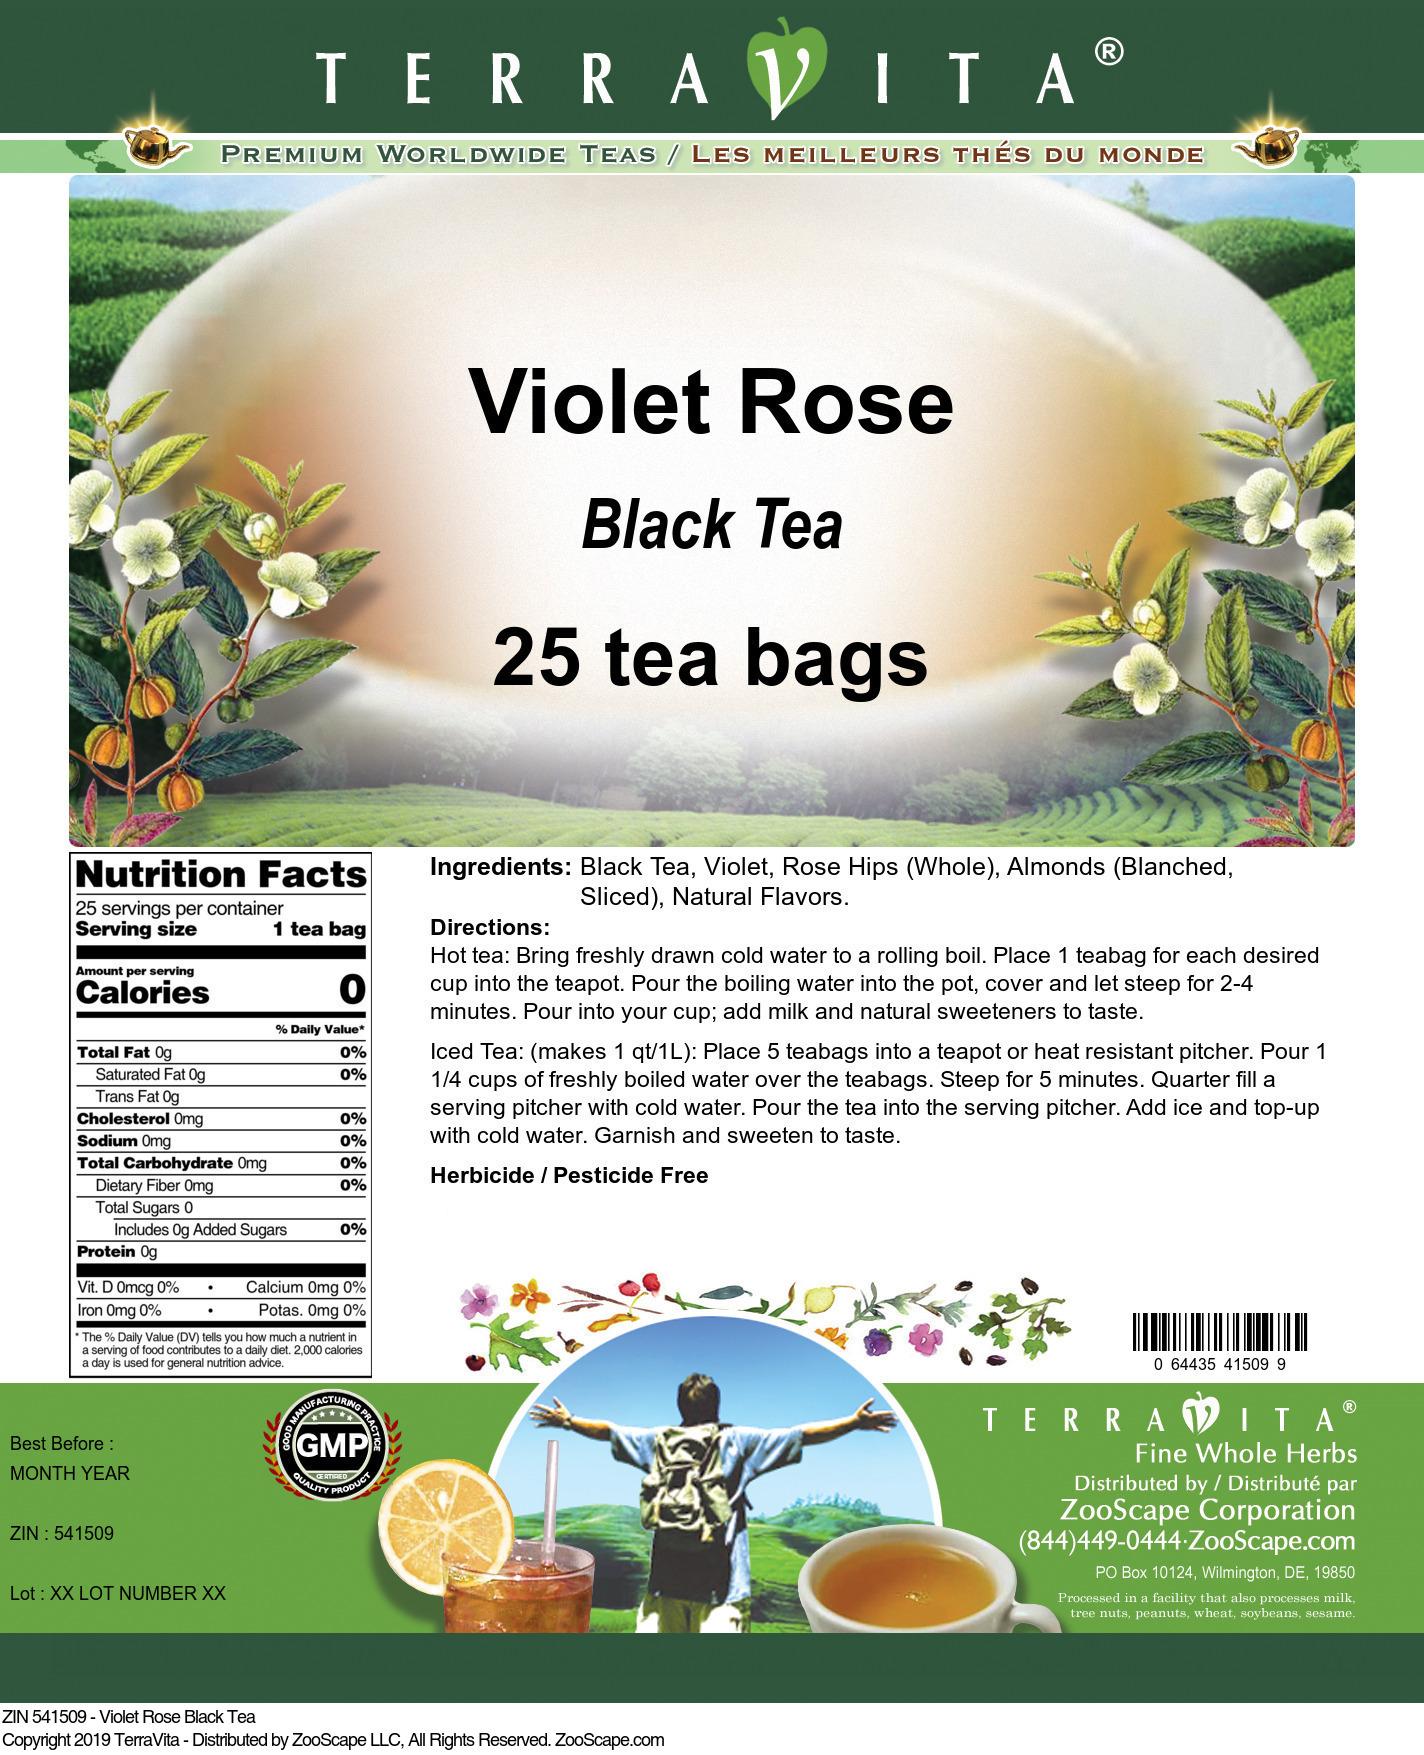 Violet Rose Black Tea